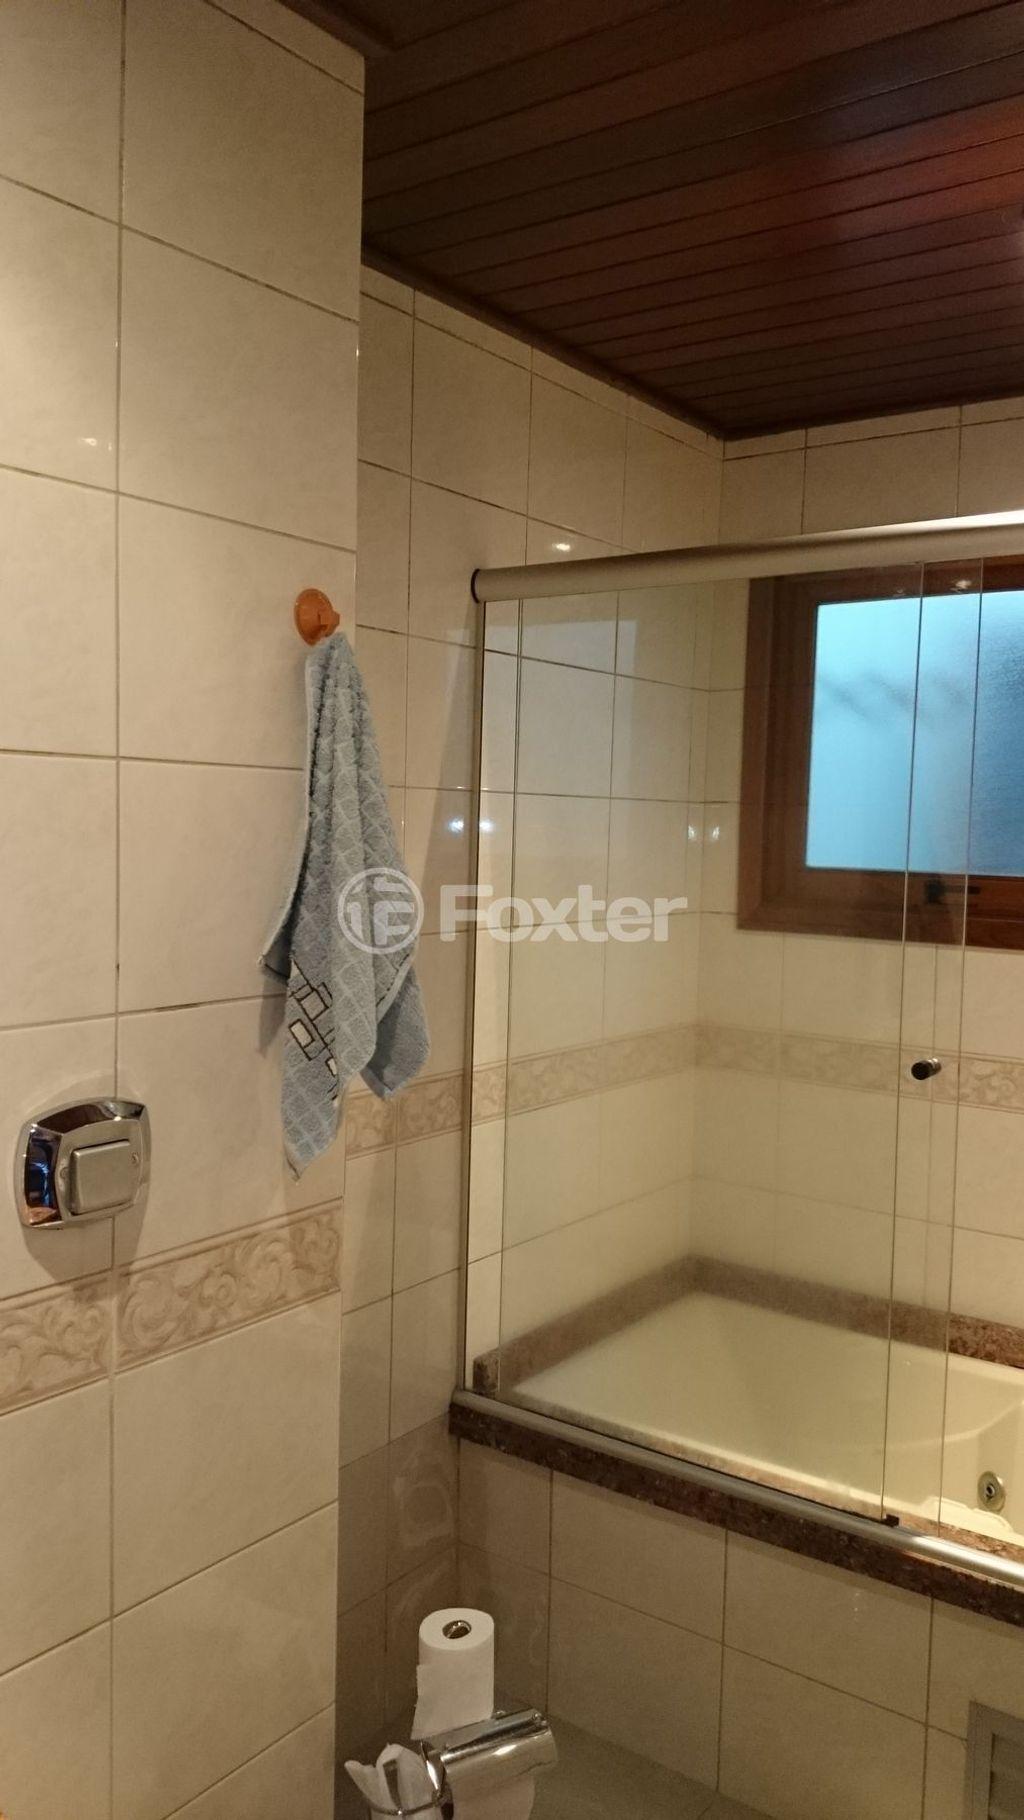 Foxter Imobiliária - Cobertura 3 Dorm (137279) - Foto 14